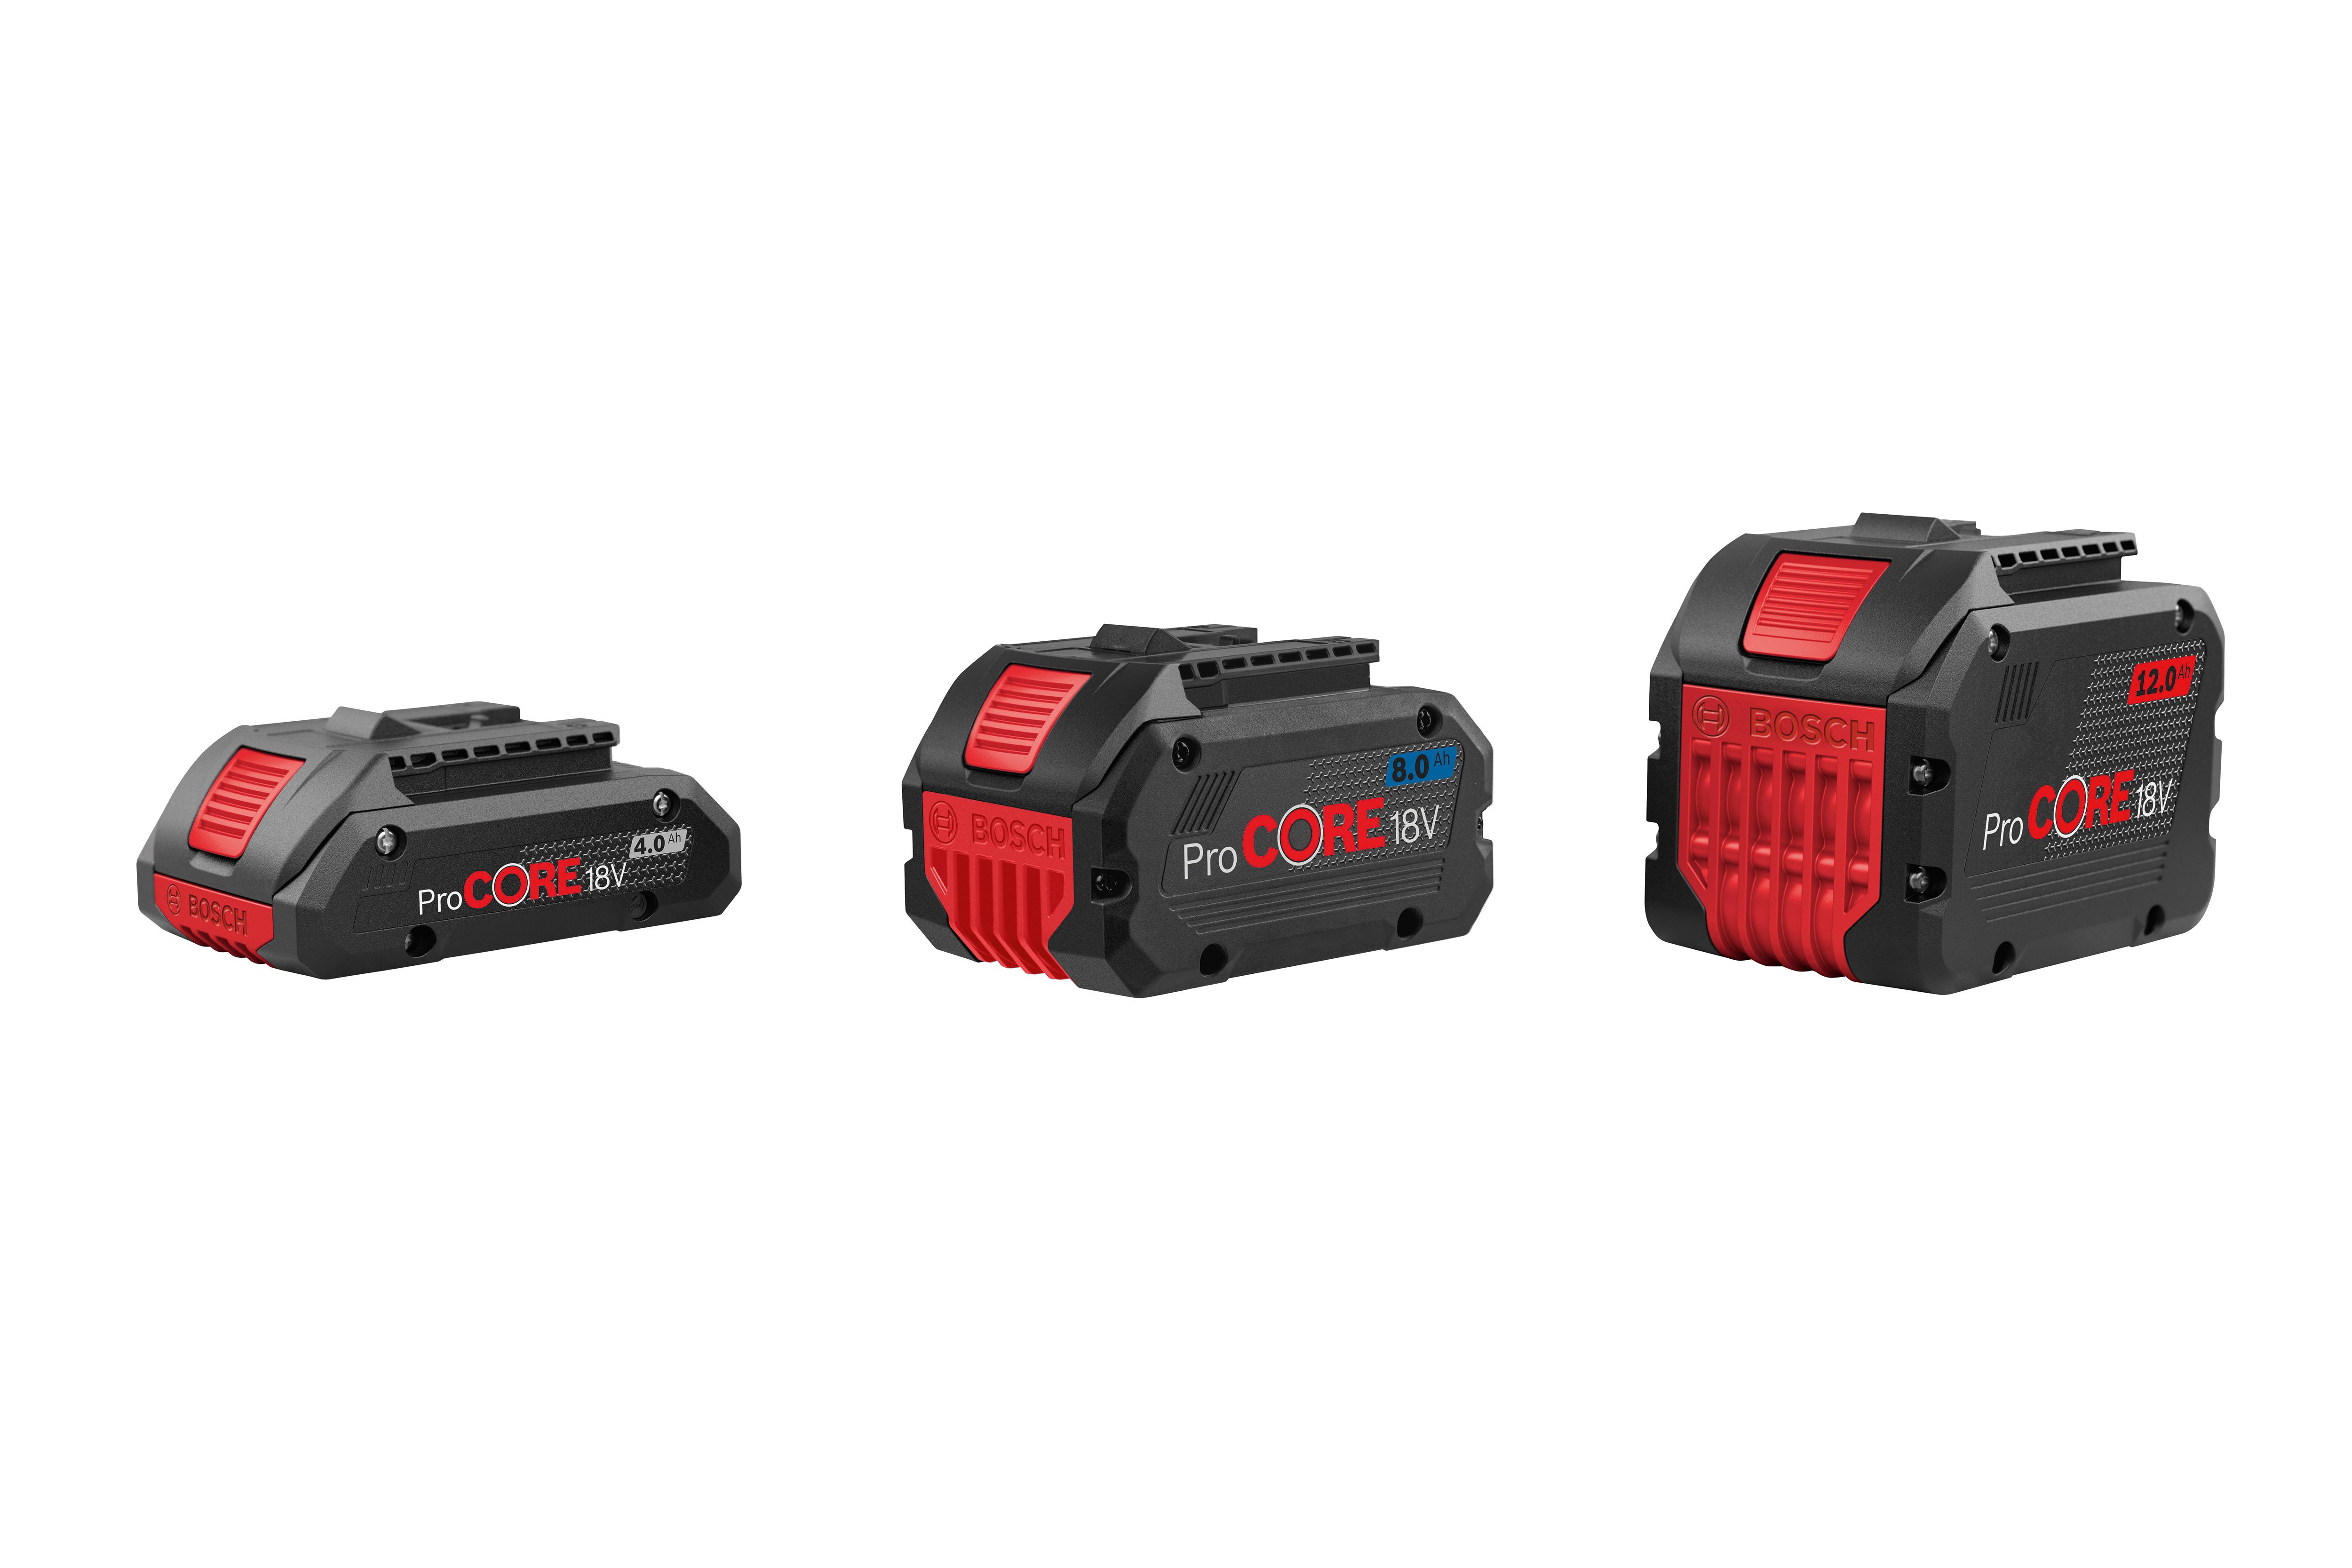 Nejkompaktnější vysoce výkonné akumulátory na trhu: Nová řada Bosch ProCORE18V pro profesionály